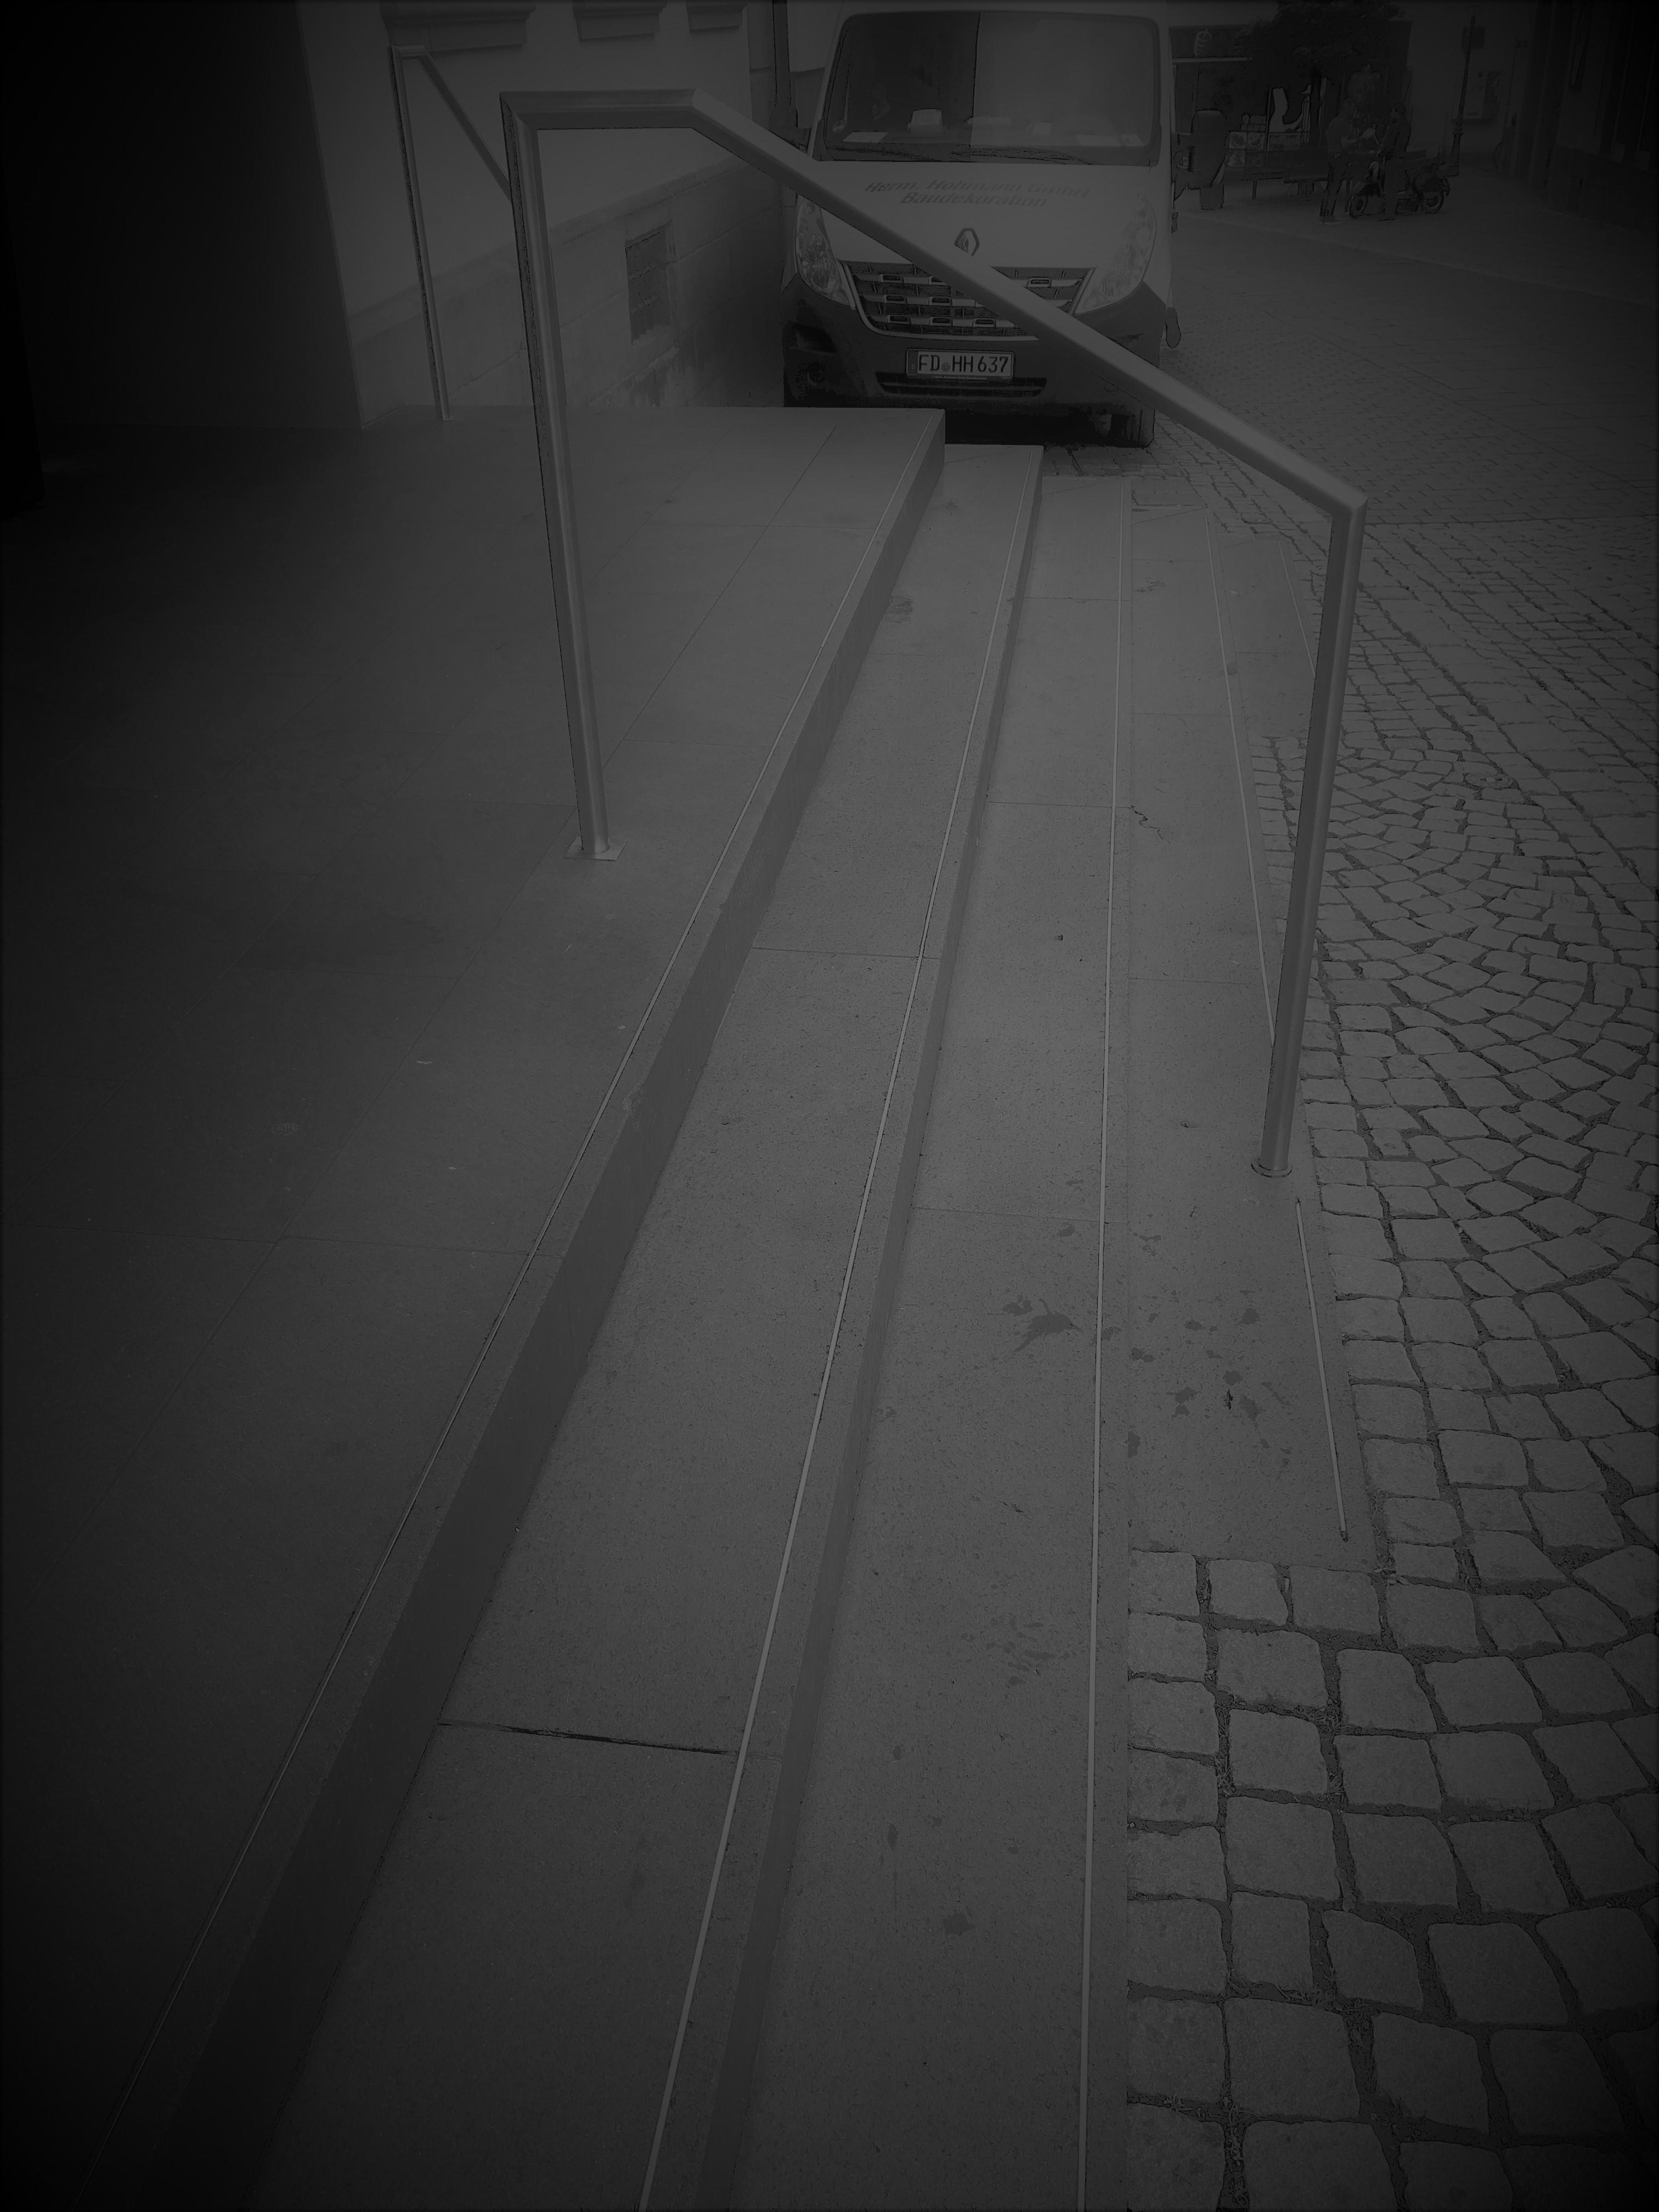 Dies ist ein Bild einer Treppe. Es wurde so verfremdet dass man nur noch schwarz-weis erkennen kann. Es wurde dunkel gemacht und unscharf. Es soll die Sicht von Sehbehinderten beispielhaft darstellen.